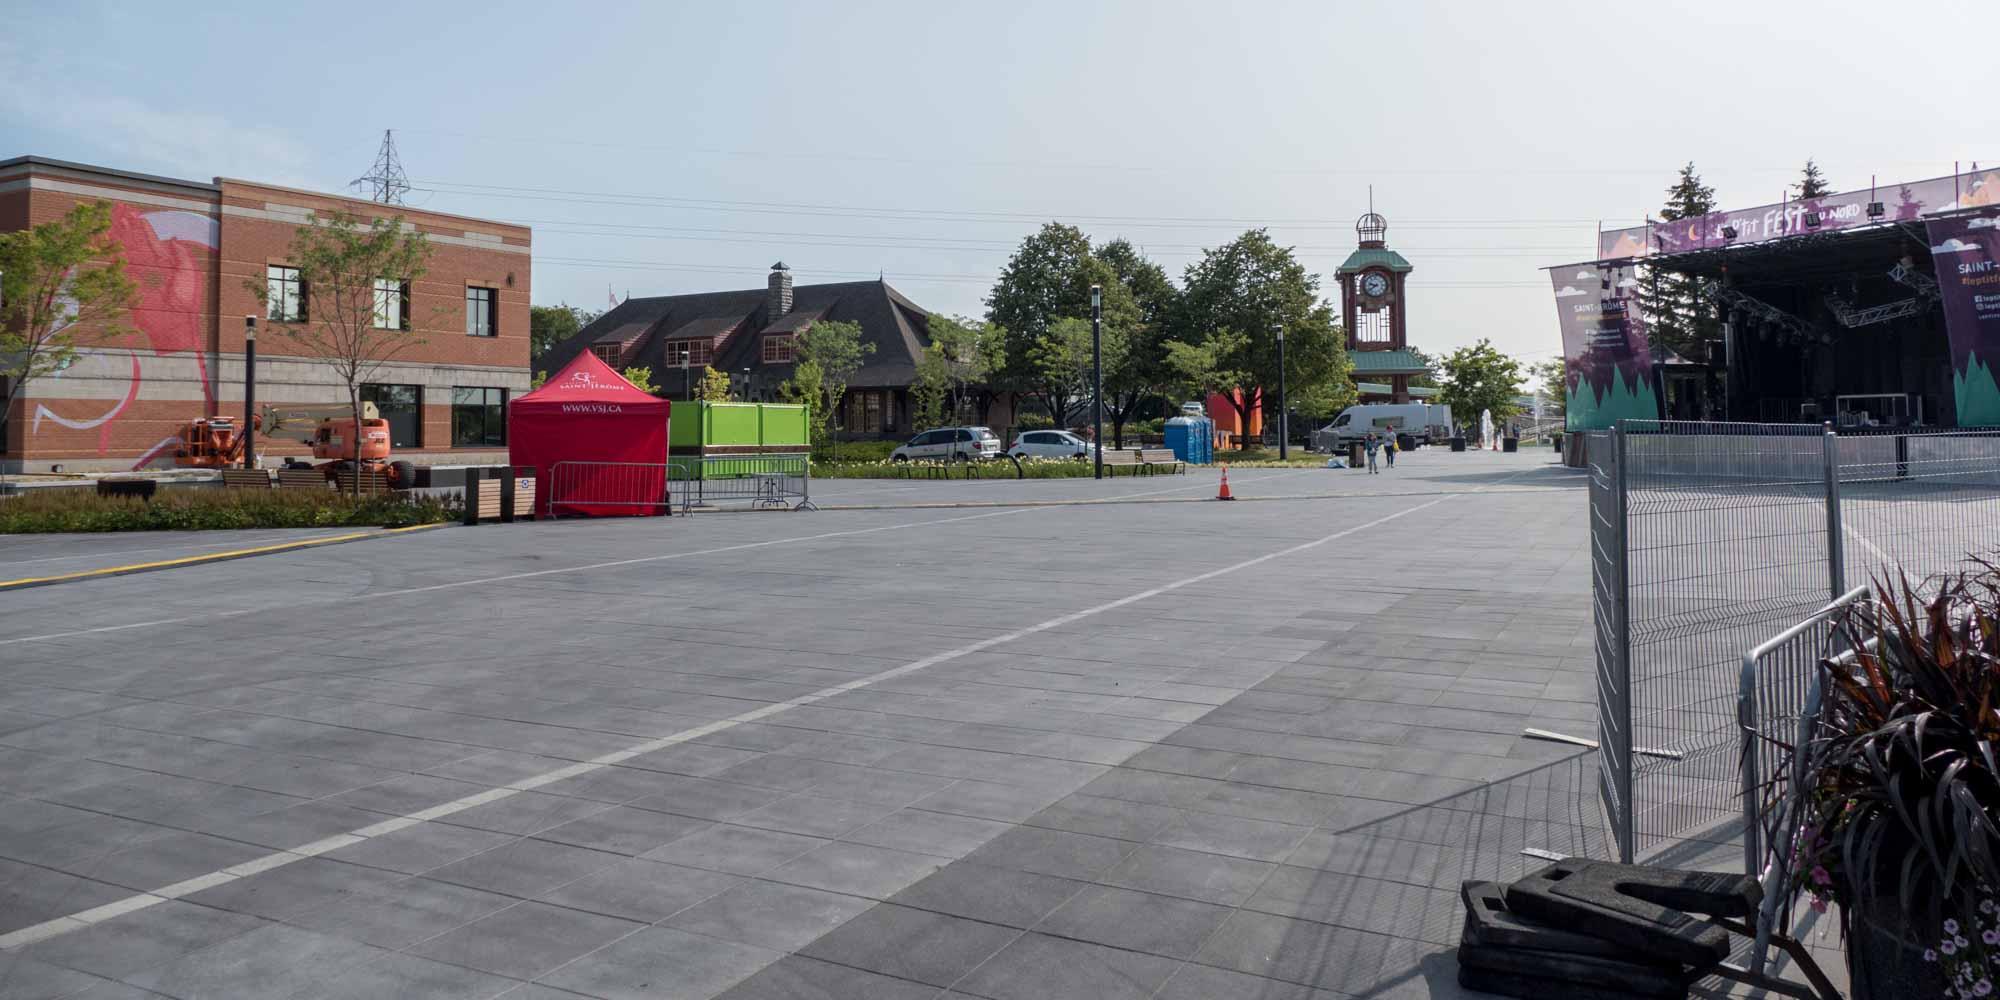 La Place des festivités est prête à accueillir le P'tit Fest du Nord, vendredi et samedi, les 25 et 26 août 2017 à Saint-Jérôme.